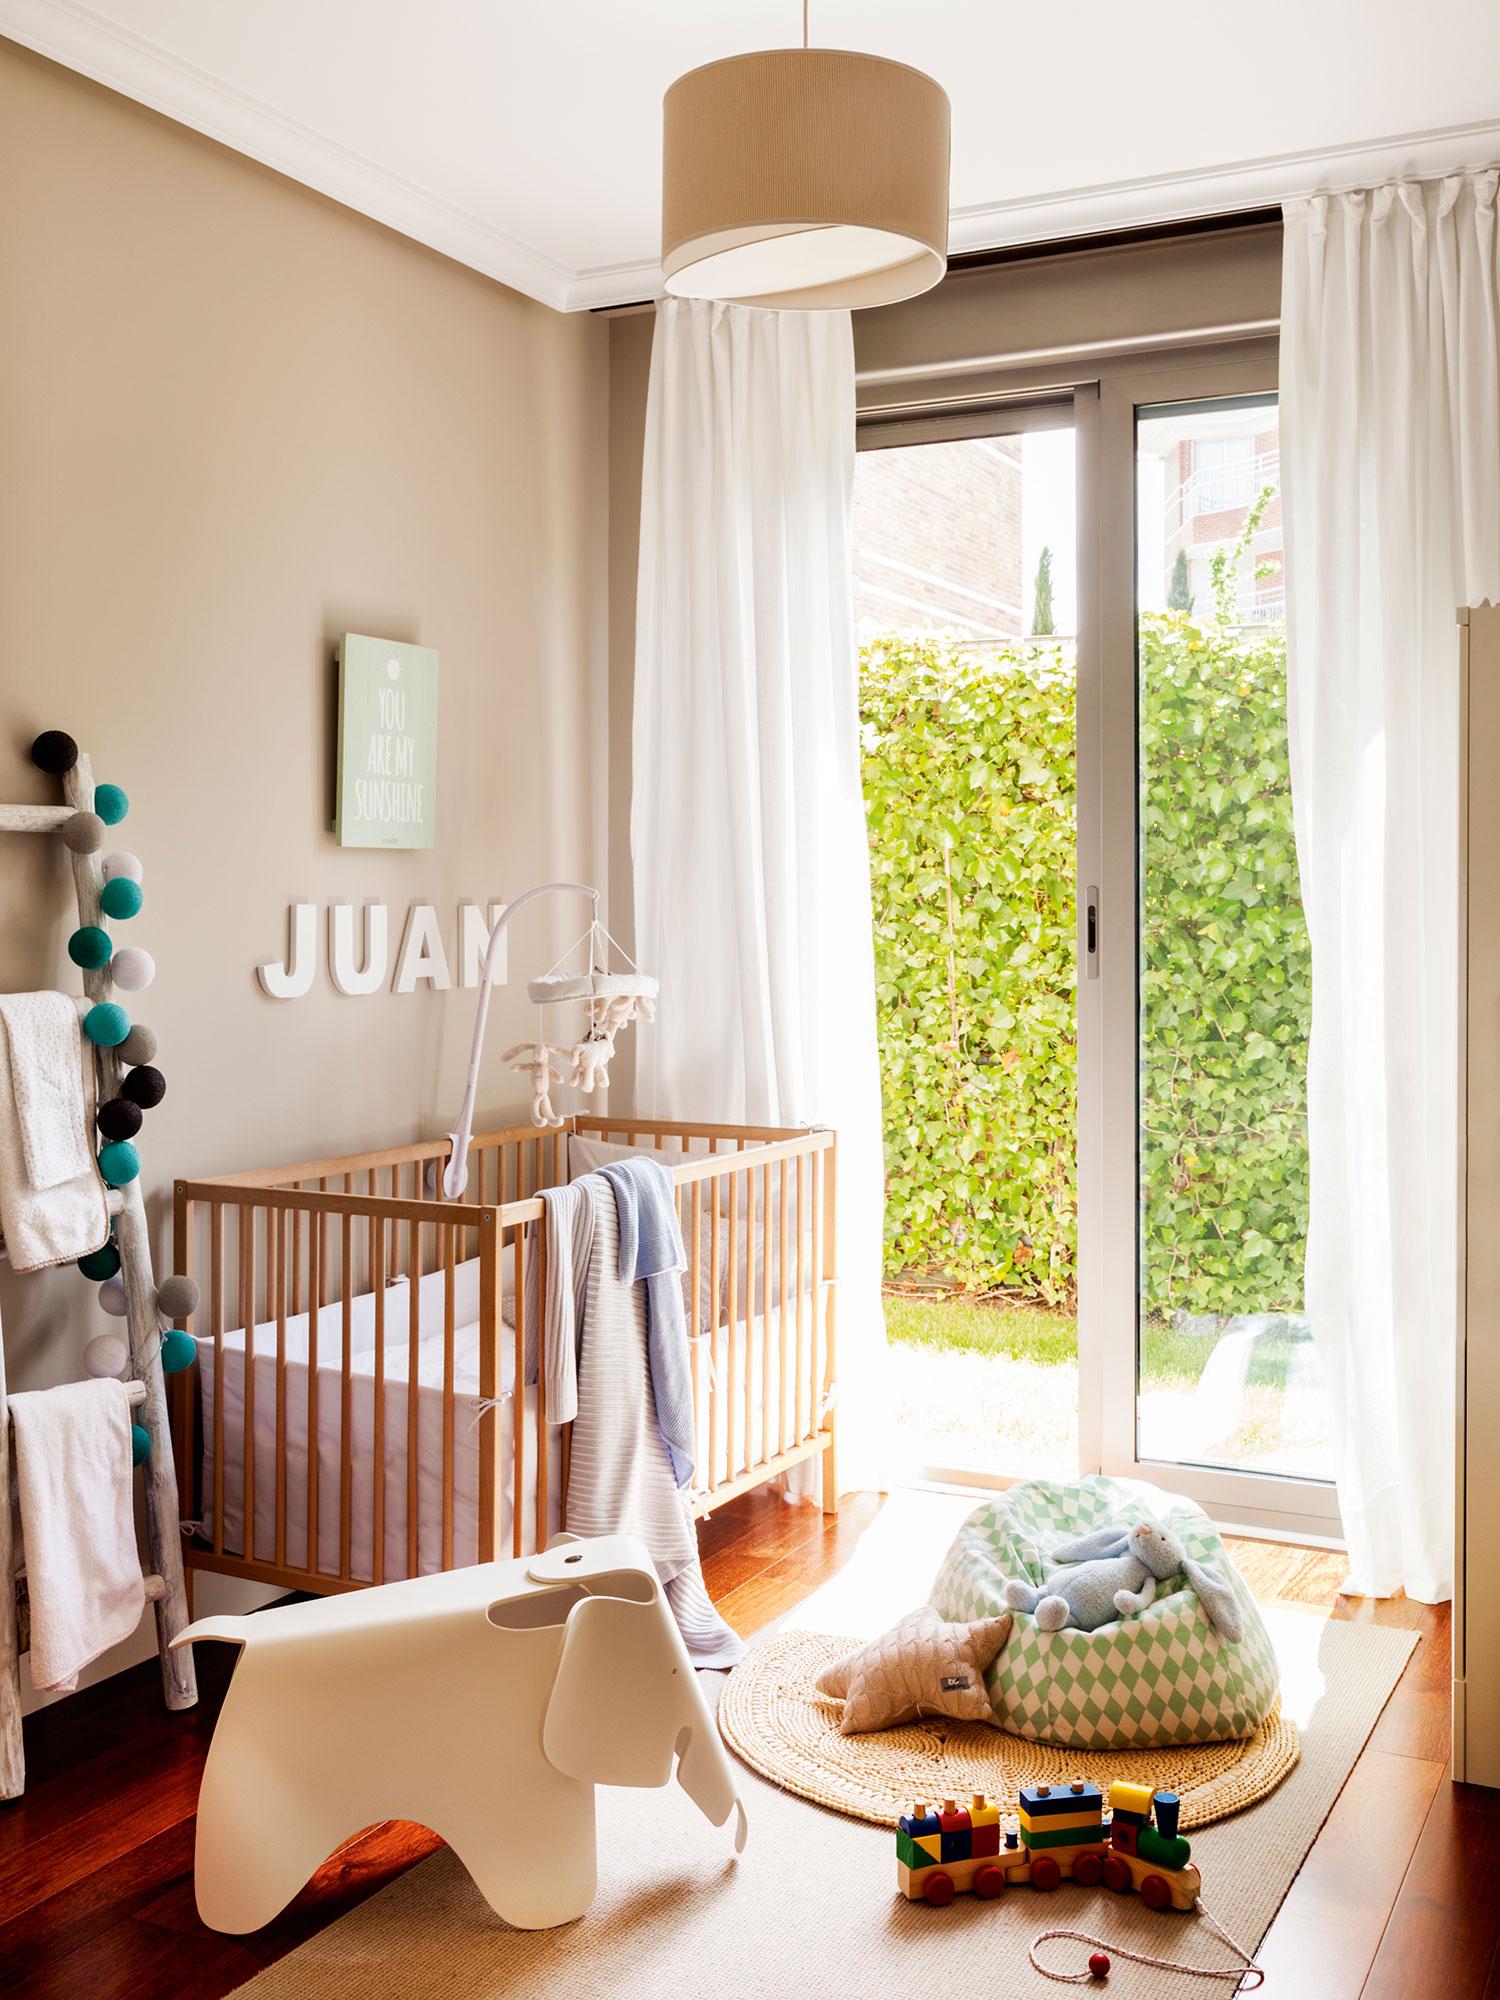 habitacin de beb con cuna